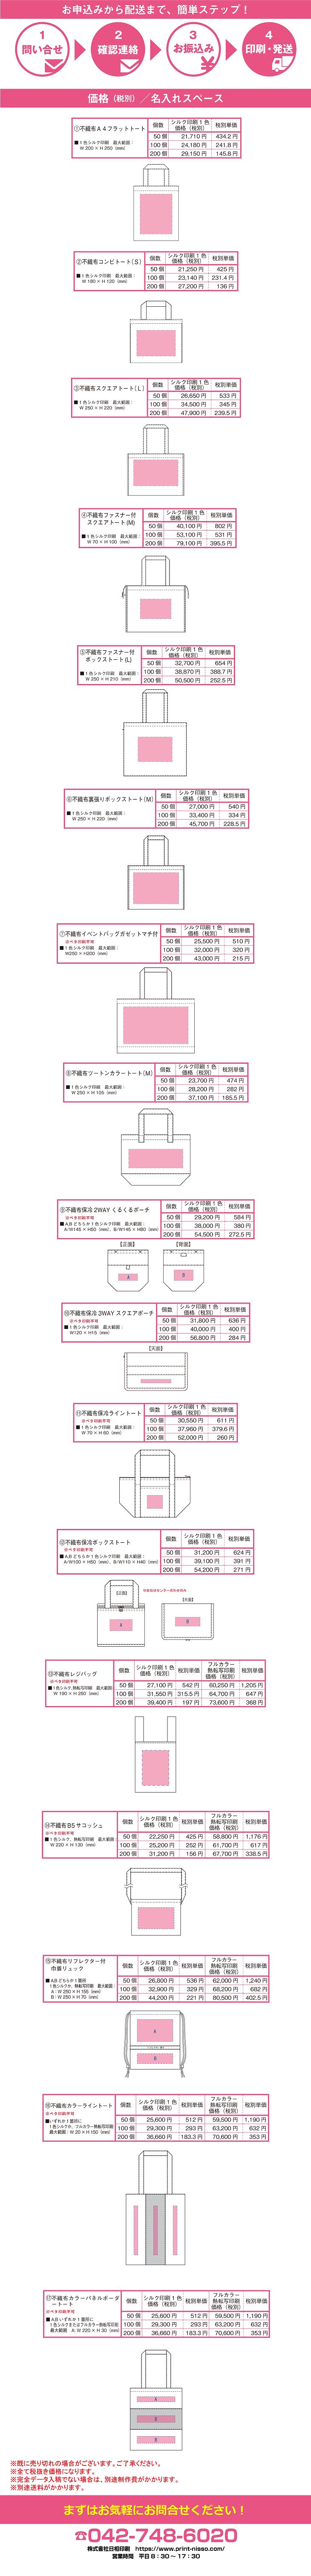 【修正】追加 不織布シリーズ-価格表部分.png